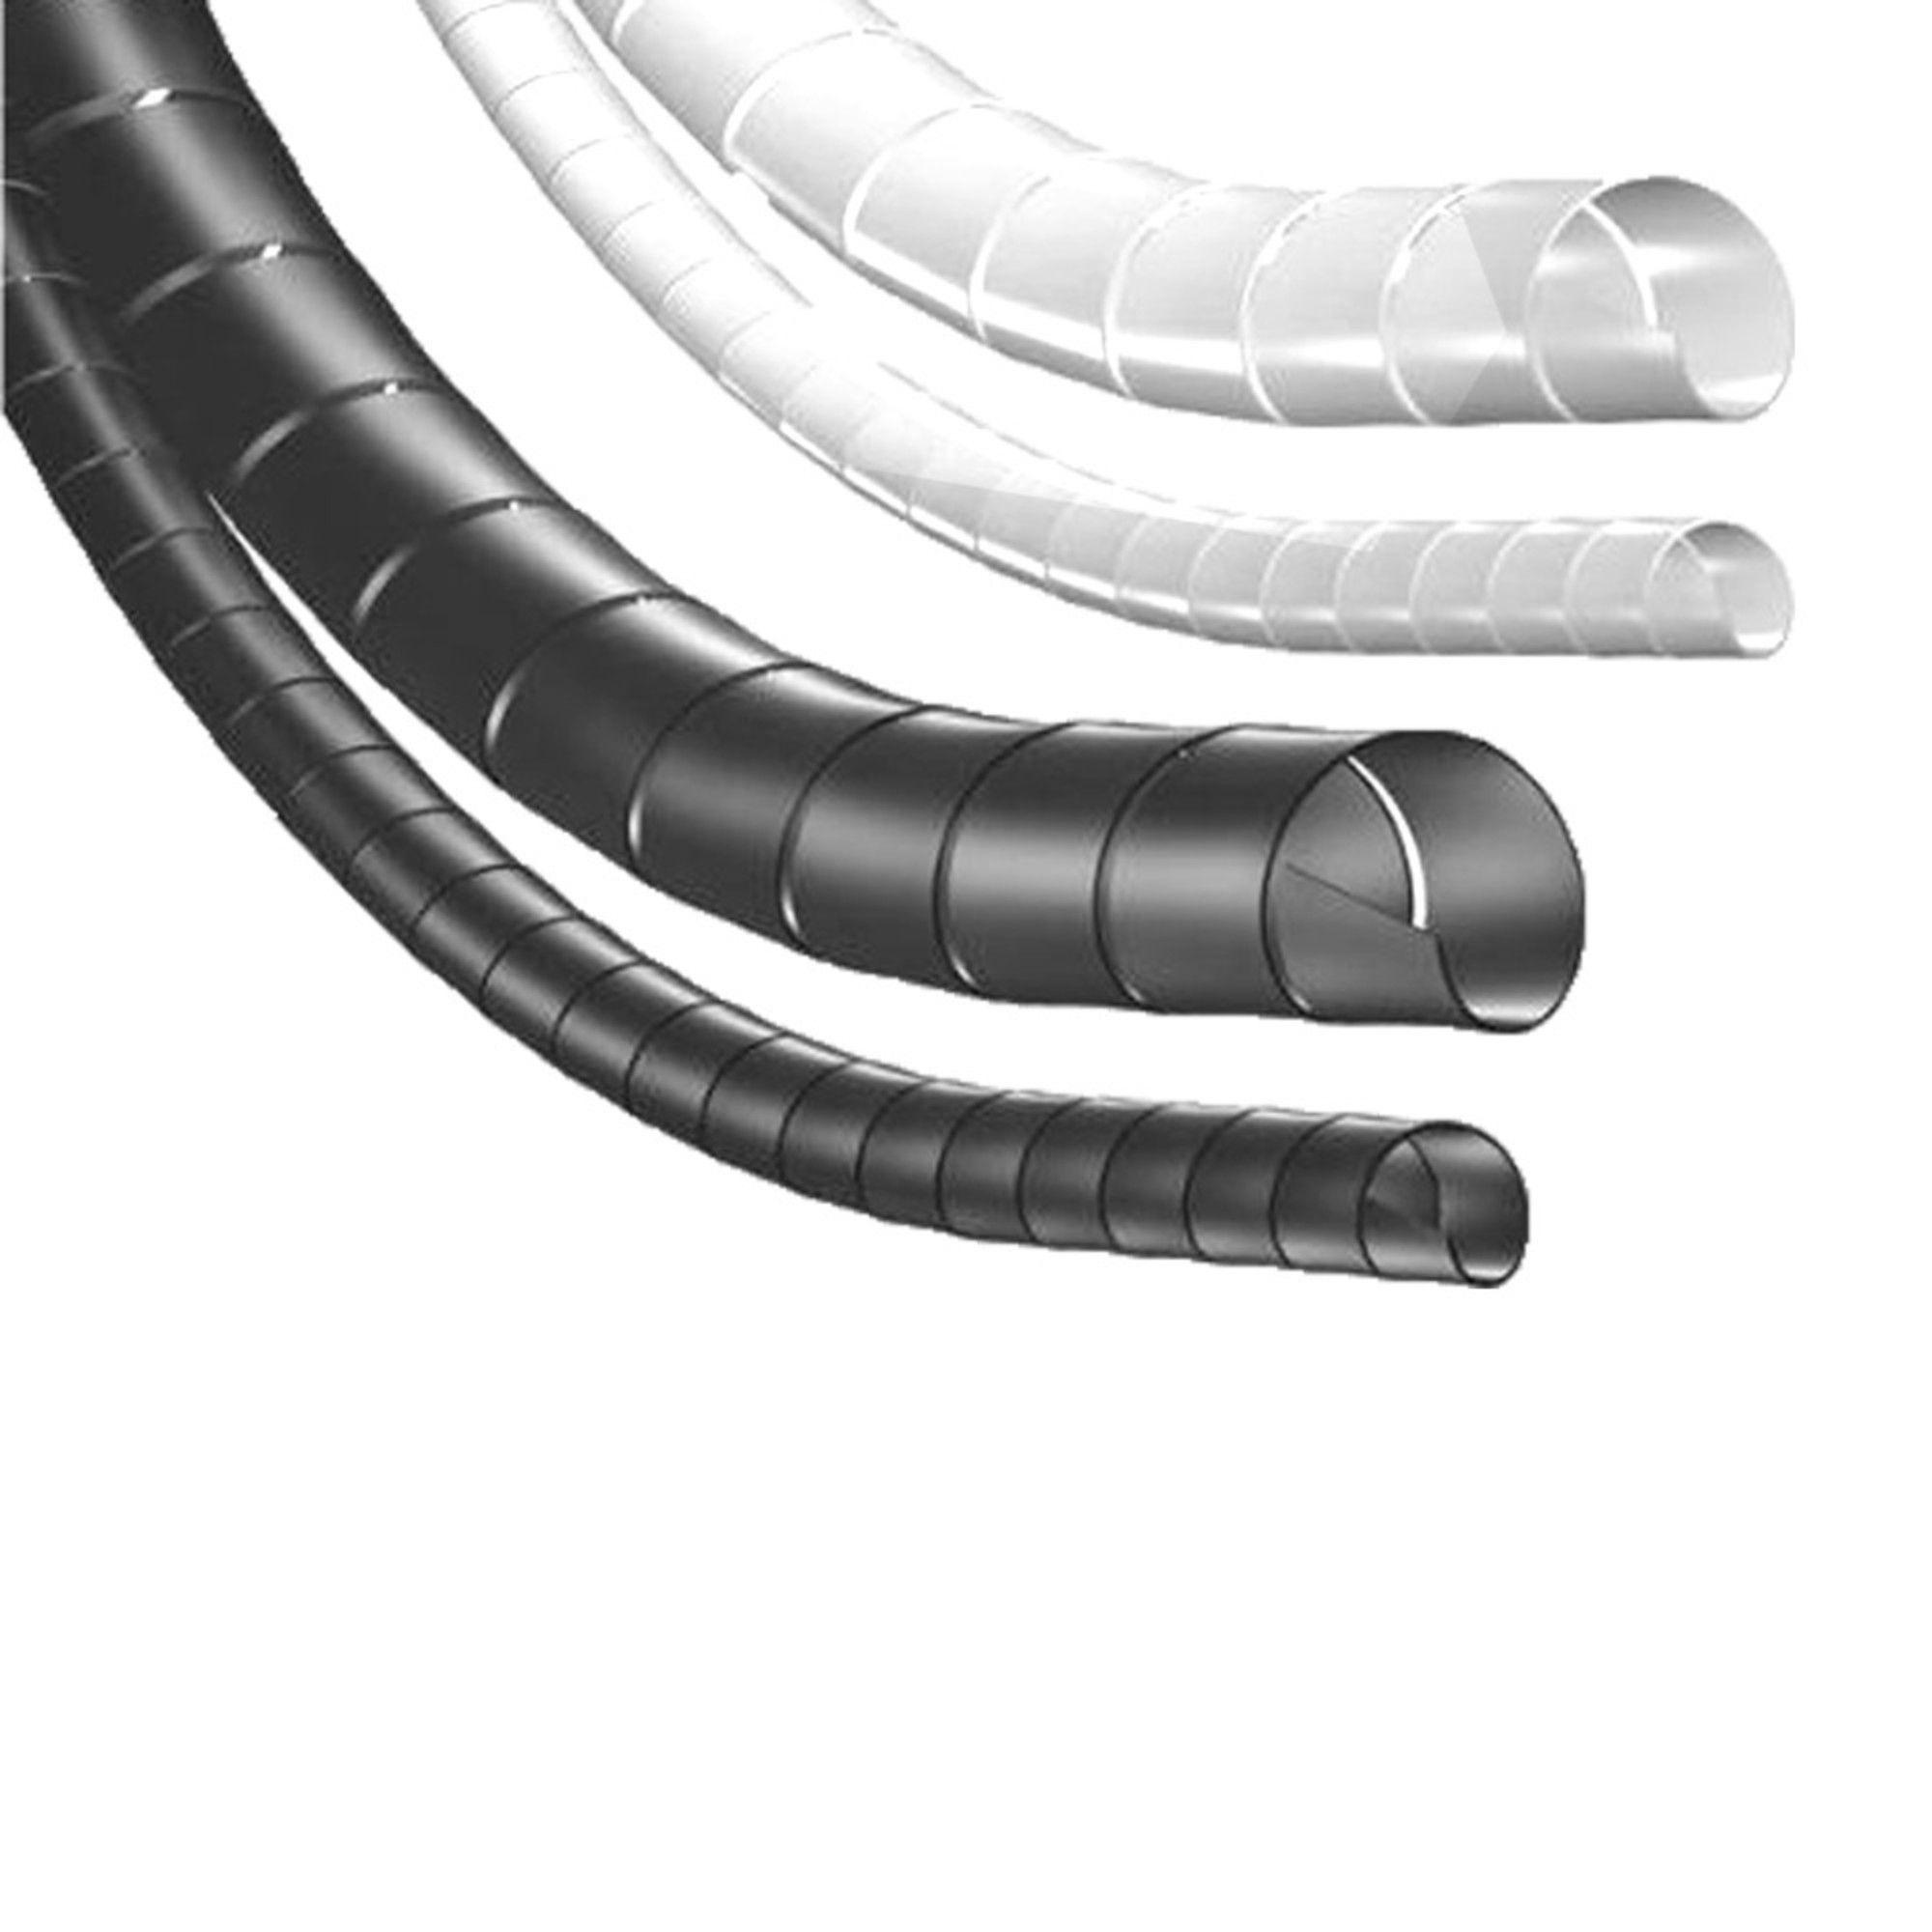 Organizador De Cabos Espiral Spiraduto 3/4 Branco Metro